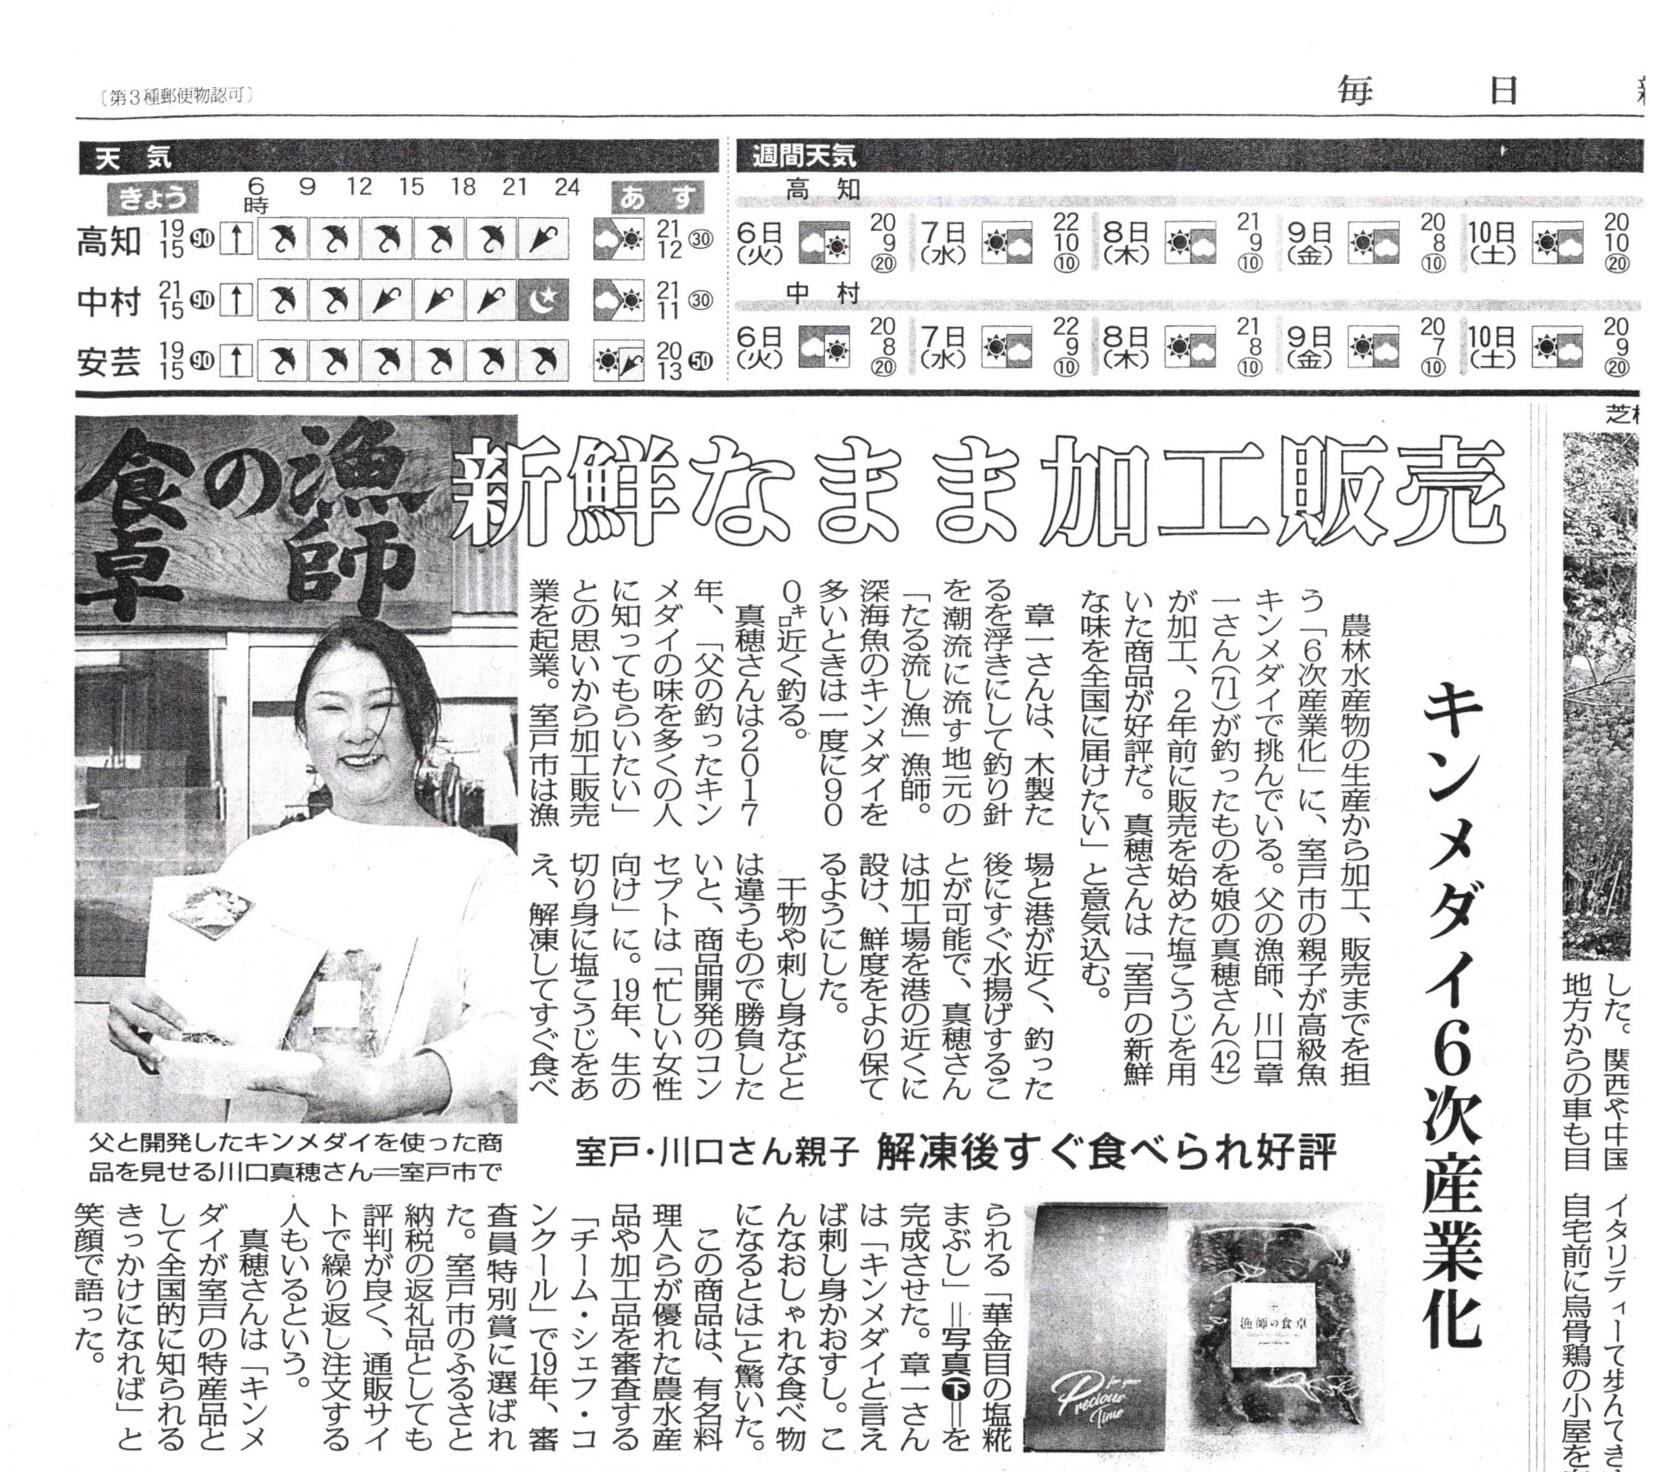 【メディア】毎日新聞 2021.4.4